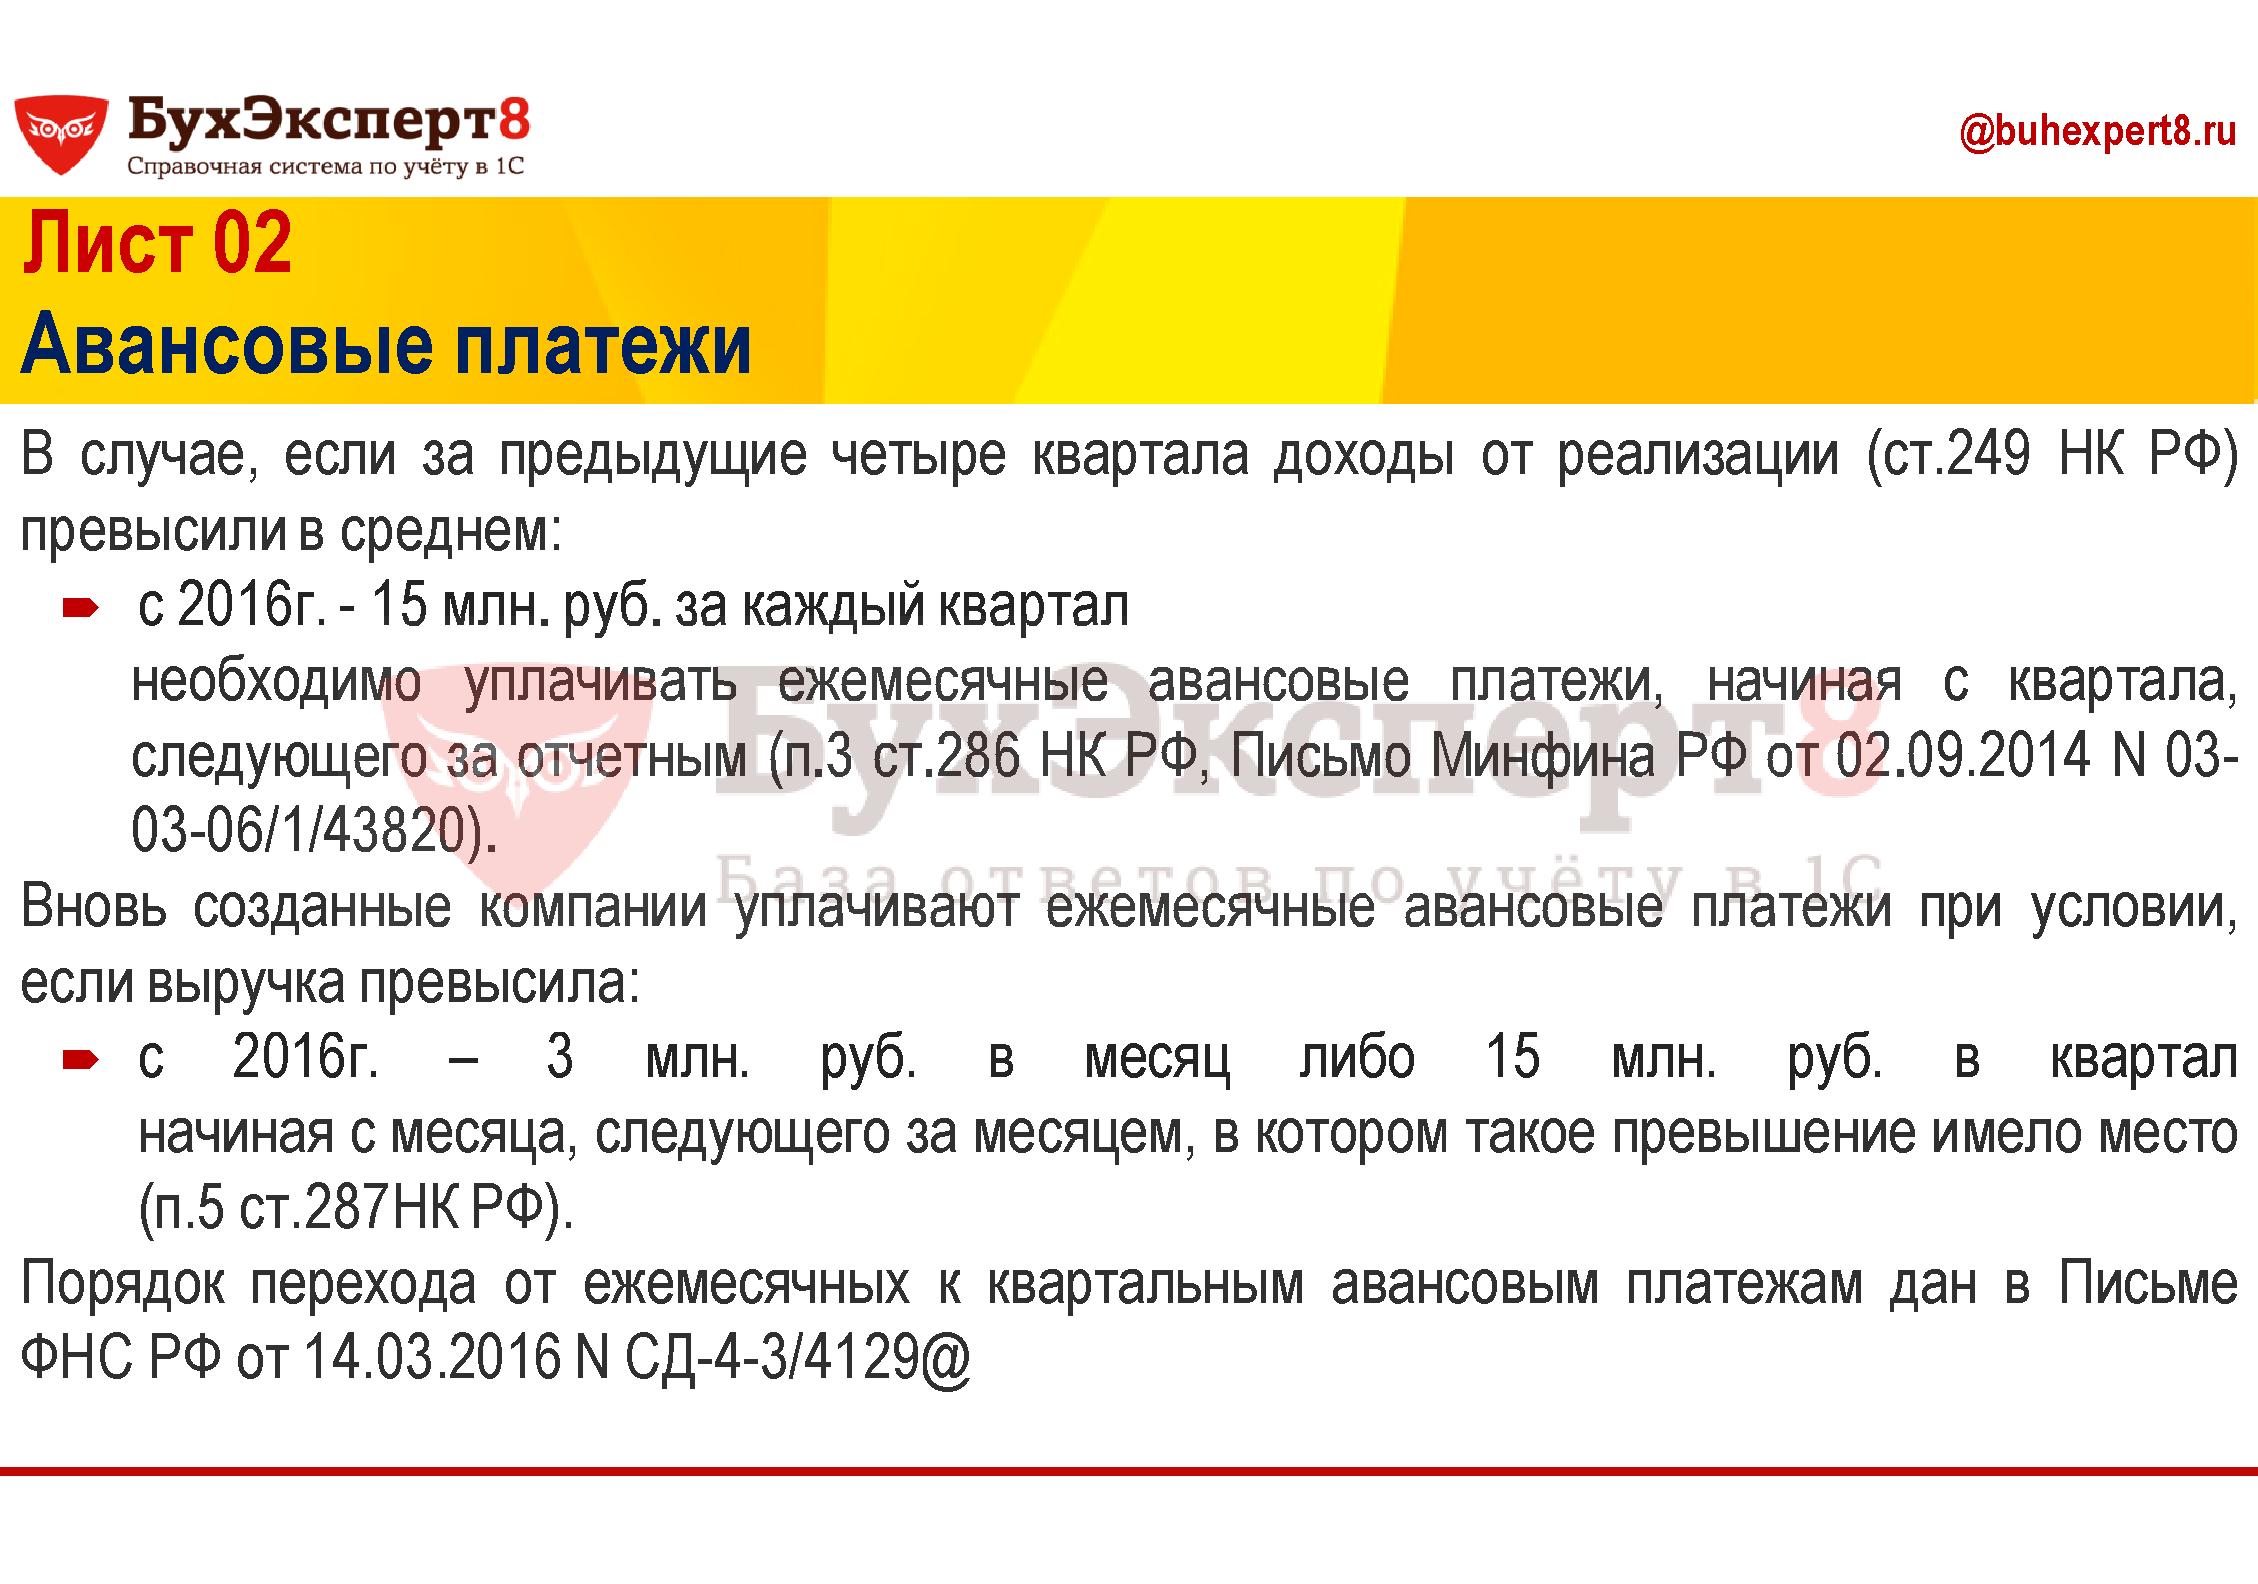 В случае, если за предыдущие четыре квартала доходы от реализации (ст.249 НК РФ) превысили в среднем: с 2016г. - 15 млн. руб. за каждый квартал необходимо уплачивать ежемесячные авансовые платежи, начиная с квартала, следующего за отчетным (п.3 ст.286 НК РФ, Письмо Минфина РФ от 02.09.2014 N 03-03-06/1/43820). Вновь созданные компании уплачивают ежемесячные авансовые платежи при условии, если выручка превысила: с 2016г. – 3 млн. руб. в месяц либо 15 млн. руб. в квартал  начиная с месяца, следующего за месяцем, в котором такое превышение имело место (п.5 ст.287НК РФ). Порядок перехода от ежемесячных к квартальным авансовым платежам дан в Письме ФНС РФ от 14.03.2016 N СД-4-3/4129@